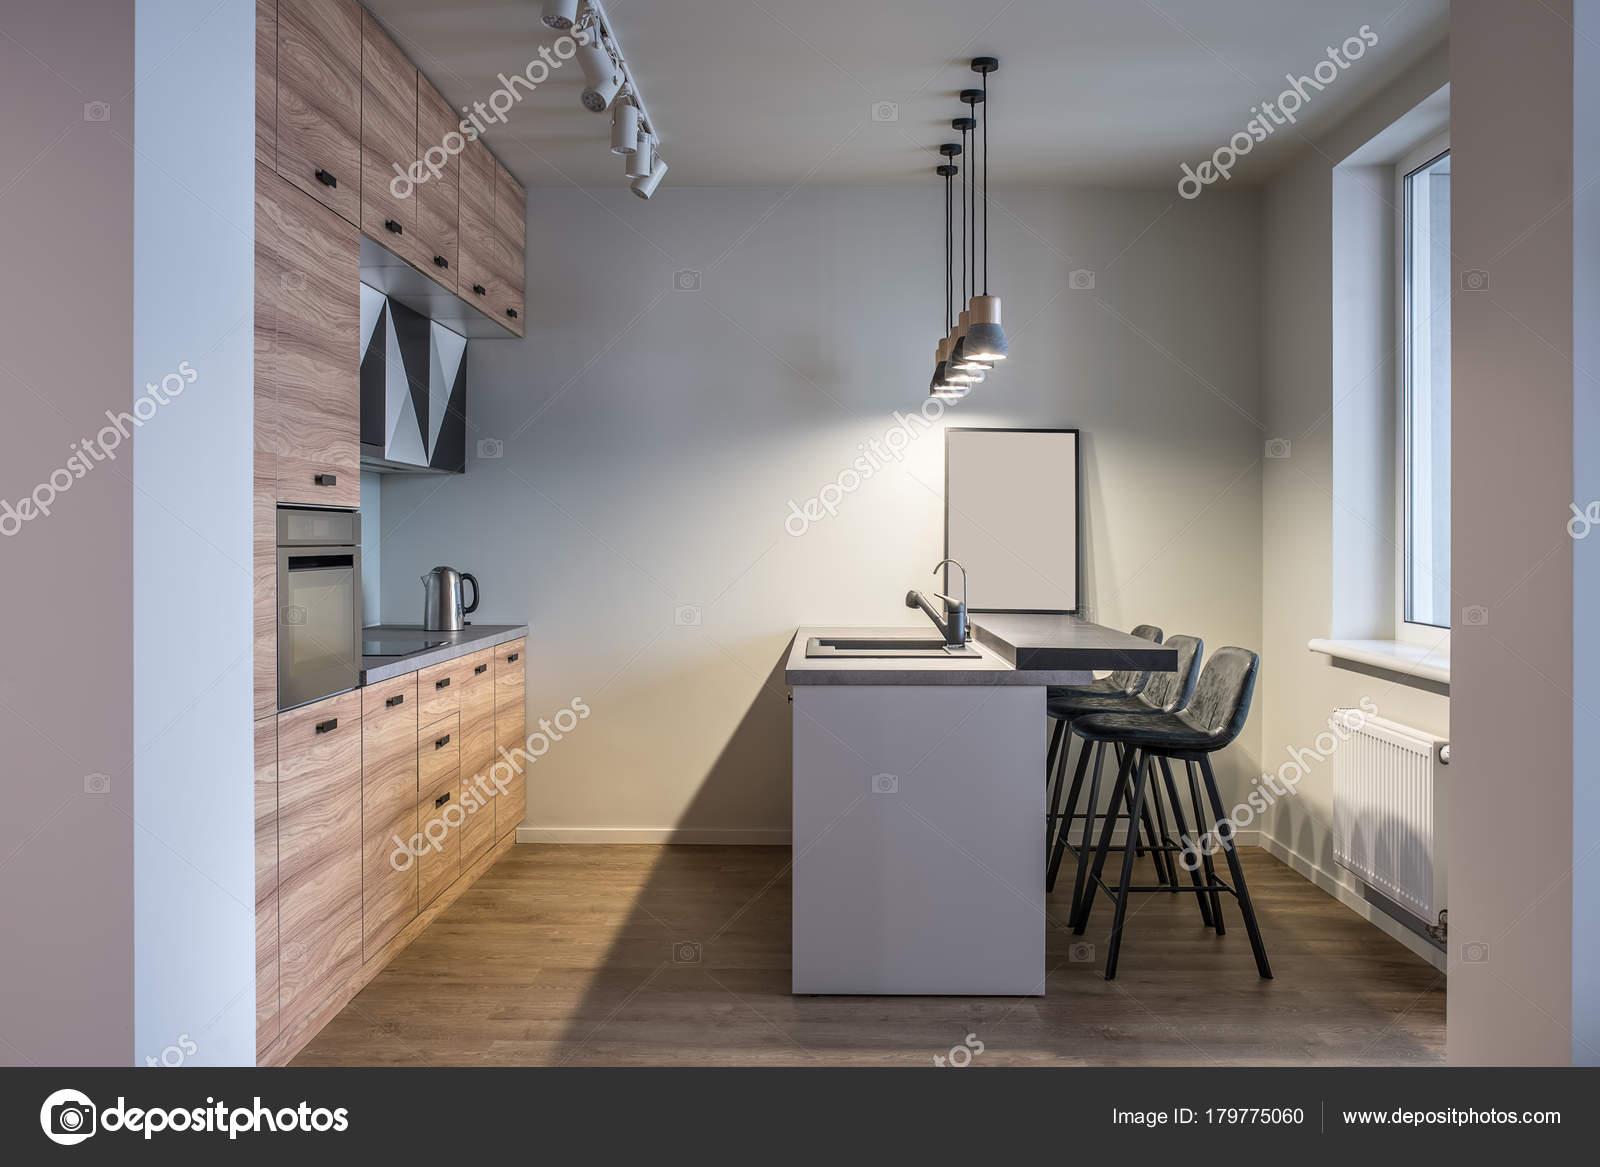 Stilvolle Küche im modernen Stil — Stockfoto © bezikus #179775060